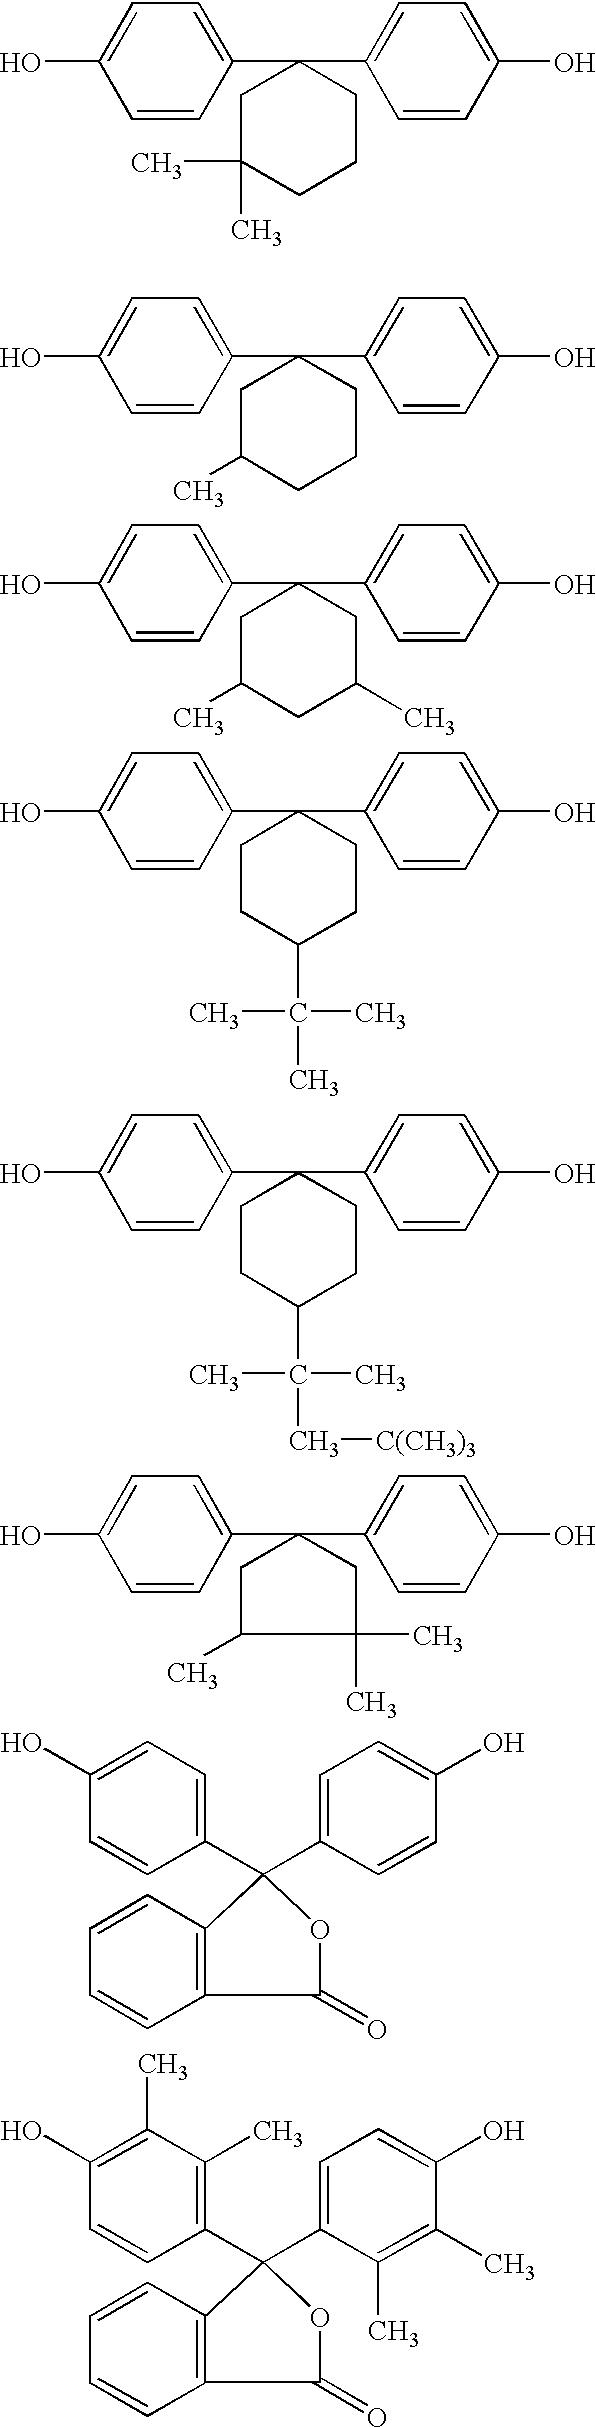 Figure US06509399-20030121-C00016